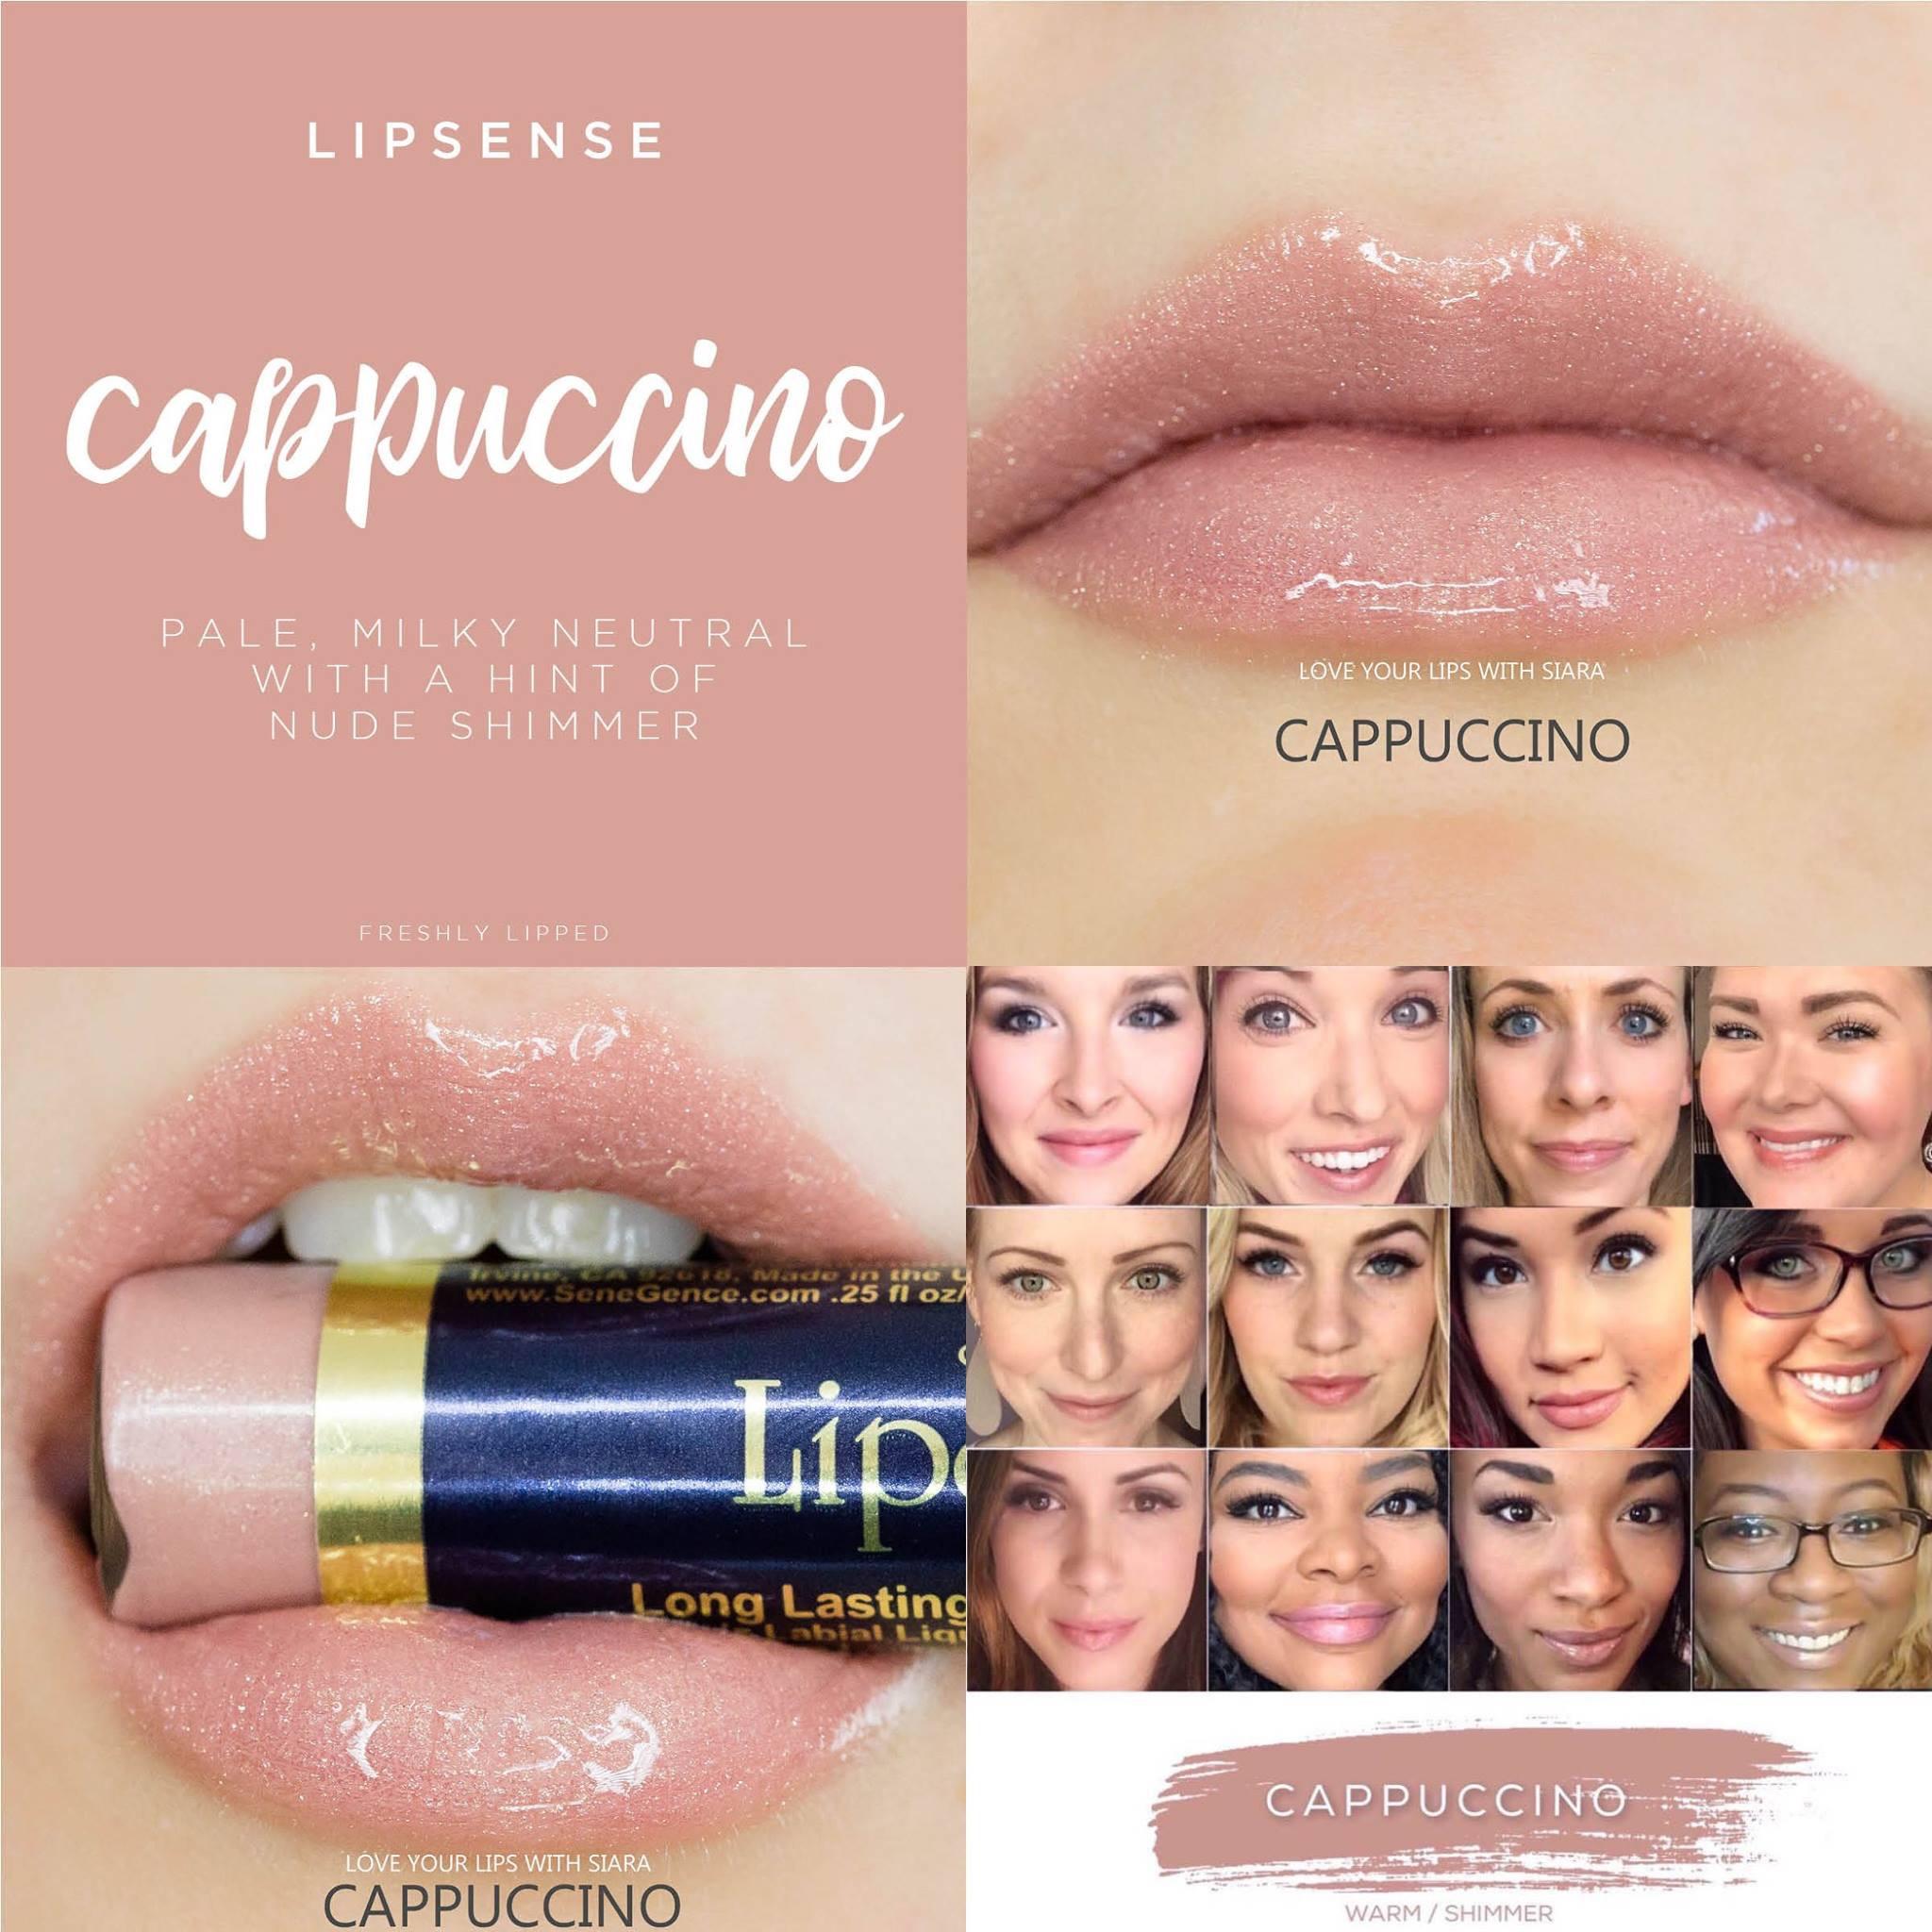 Cappuccino LipSense Collage